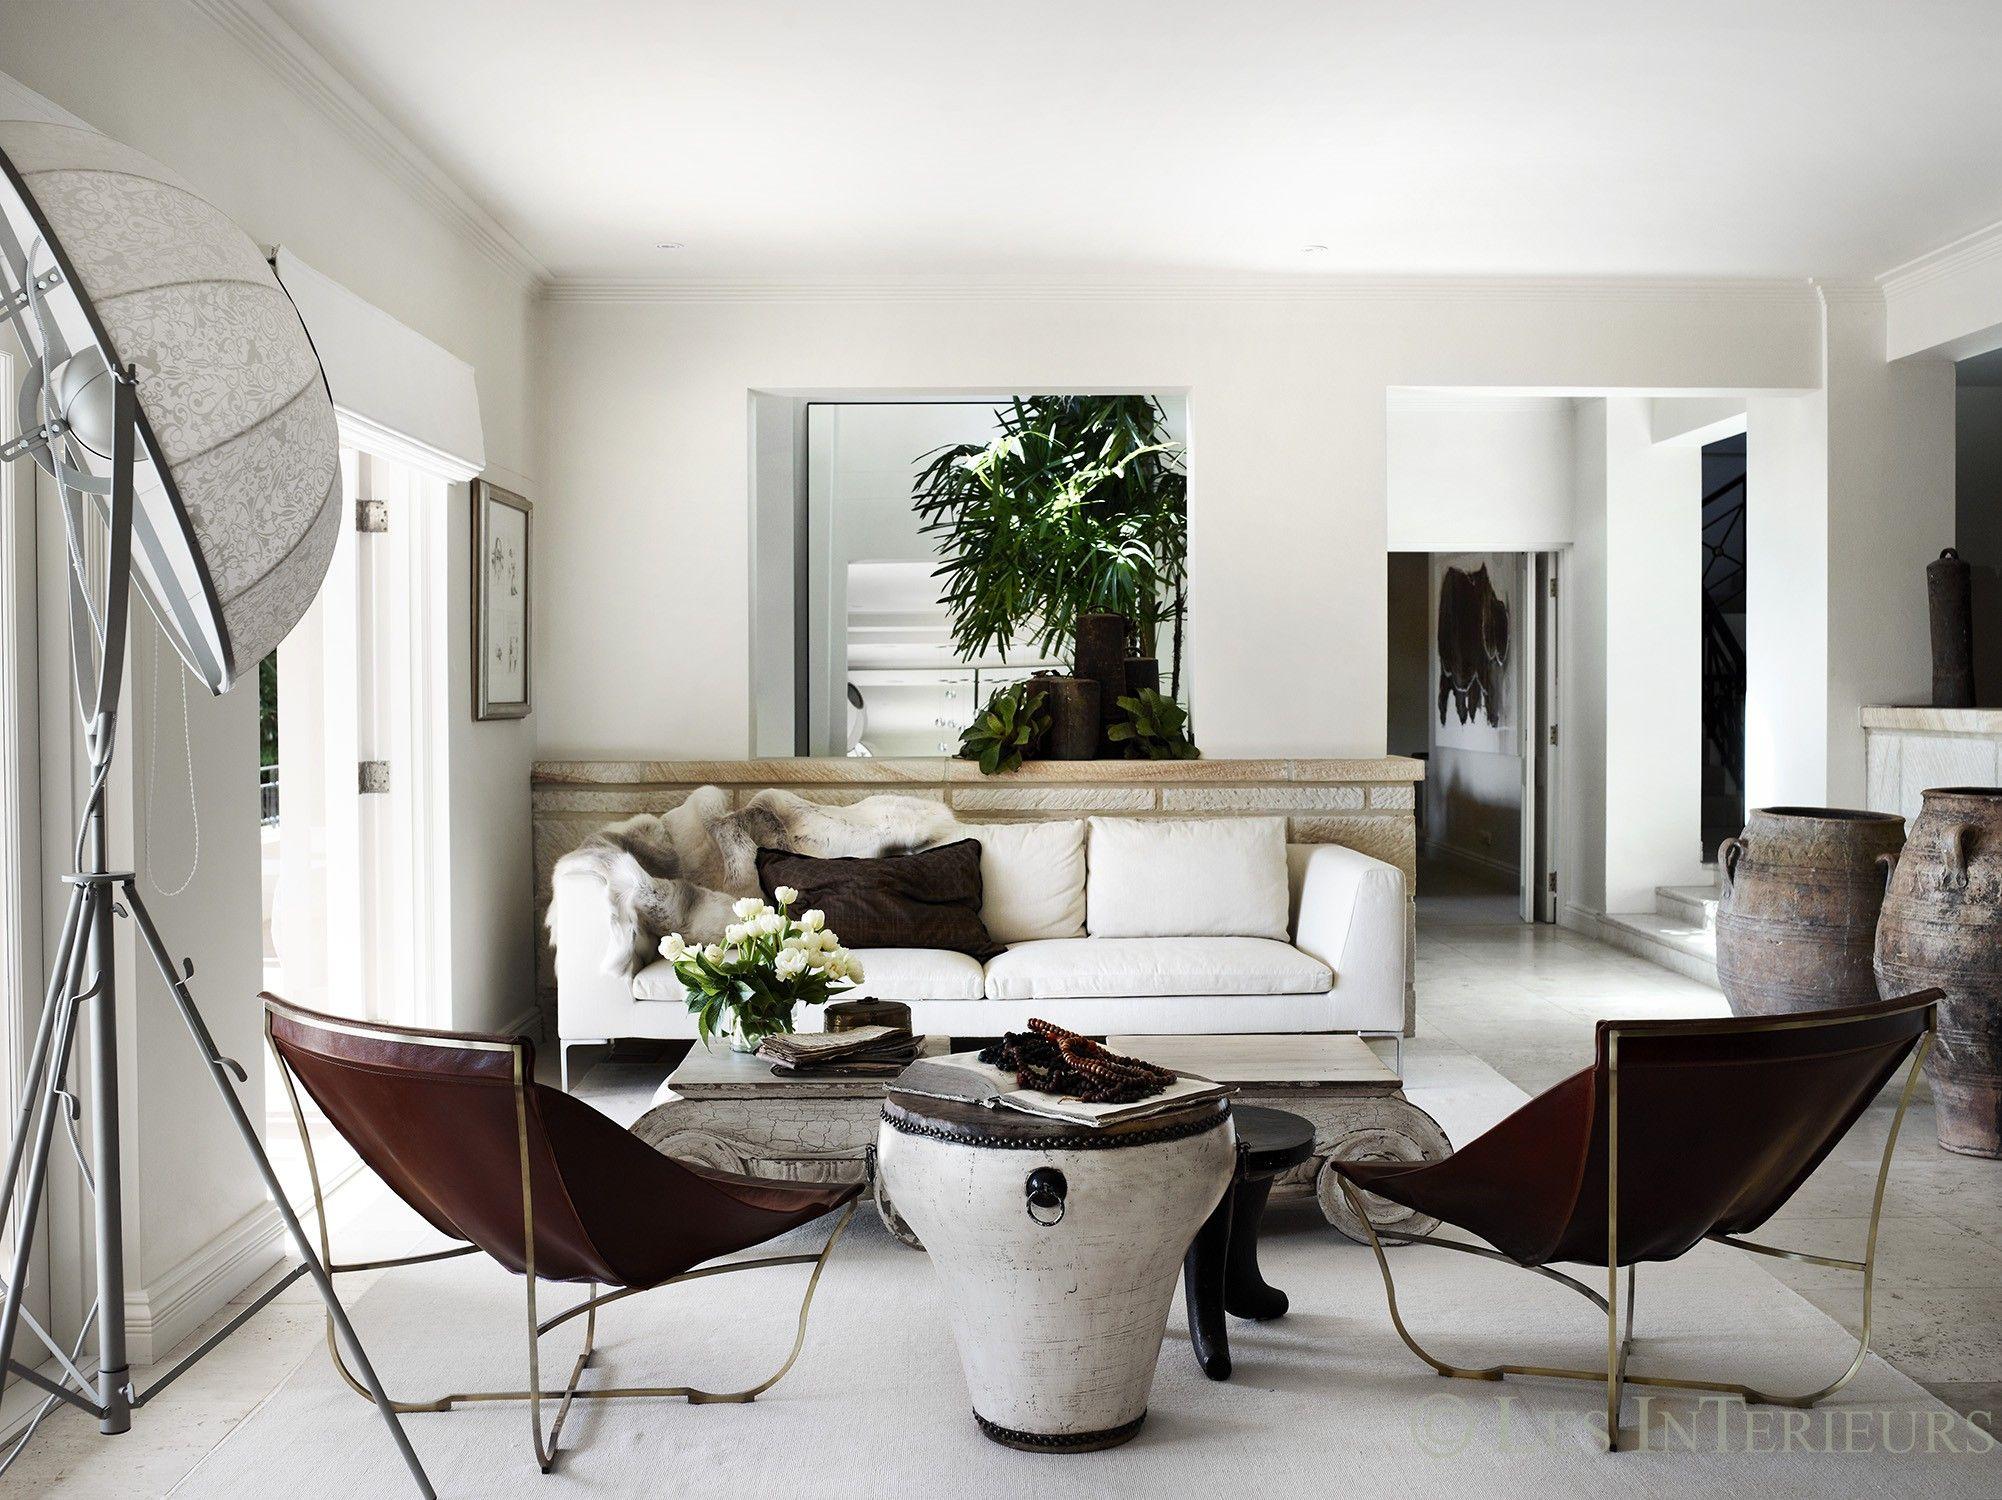 Les Interieurs, Interior Design by Pamela Makin, Sydney | Les ...